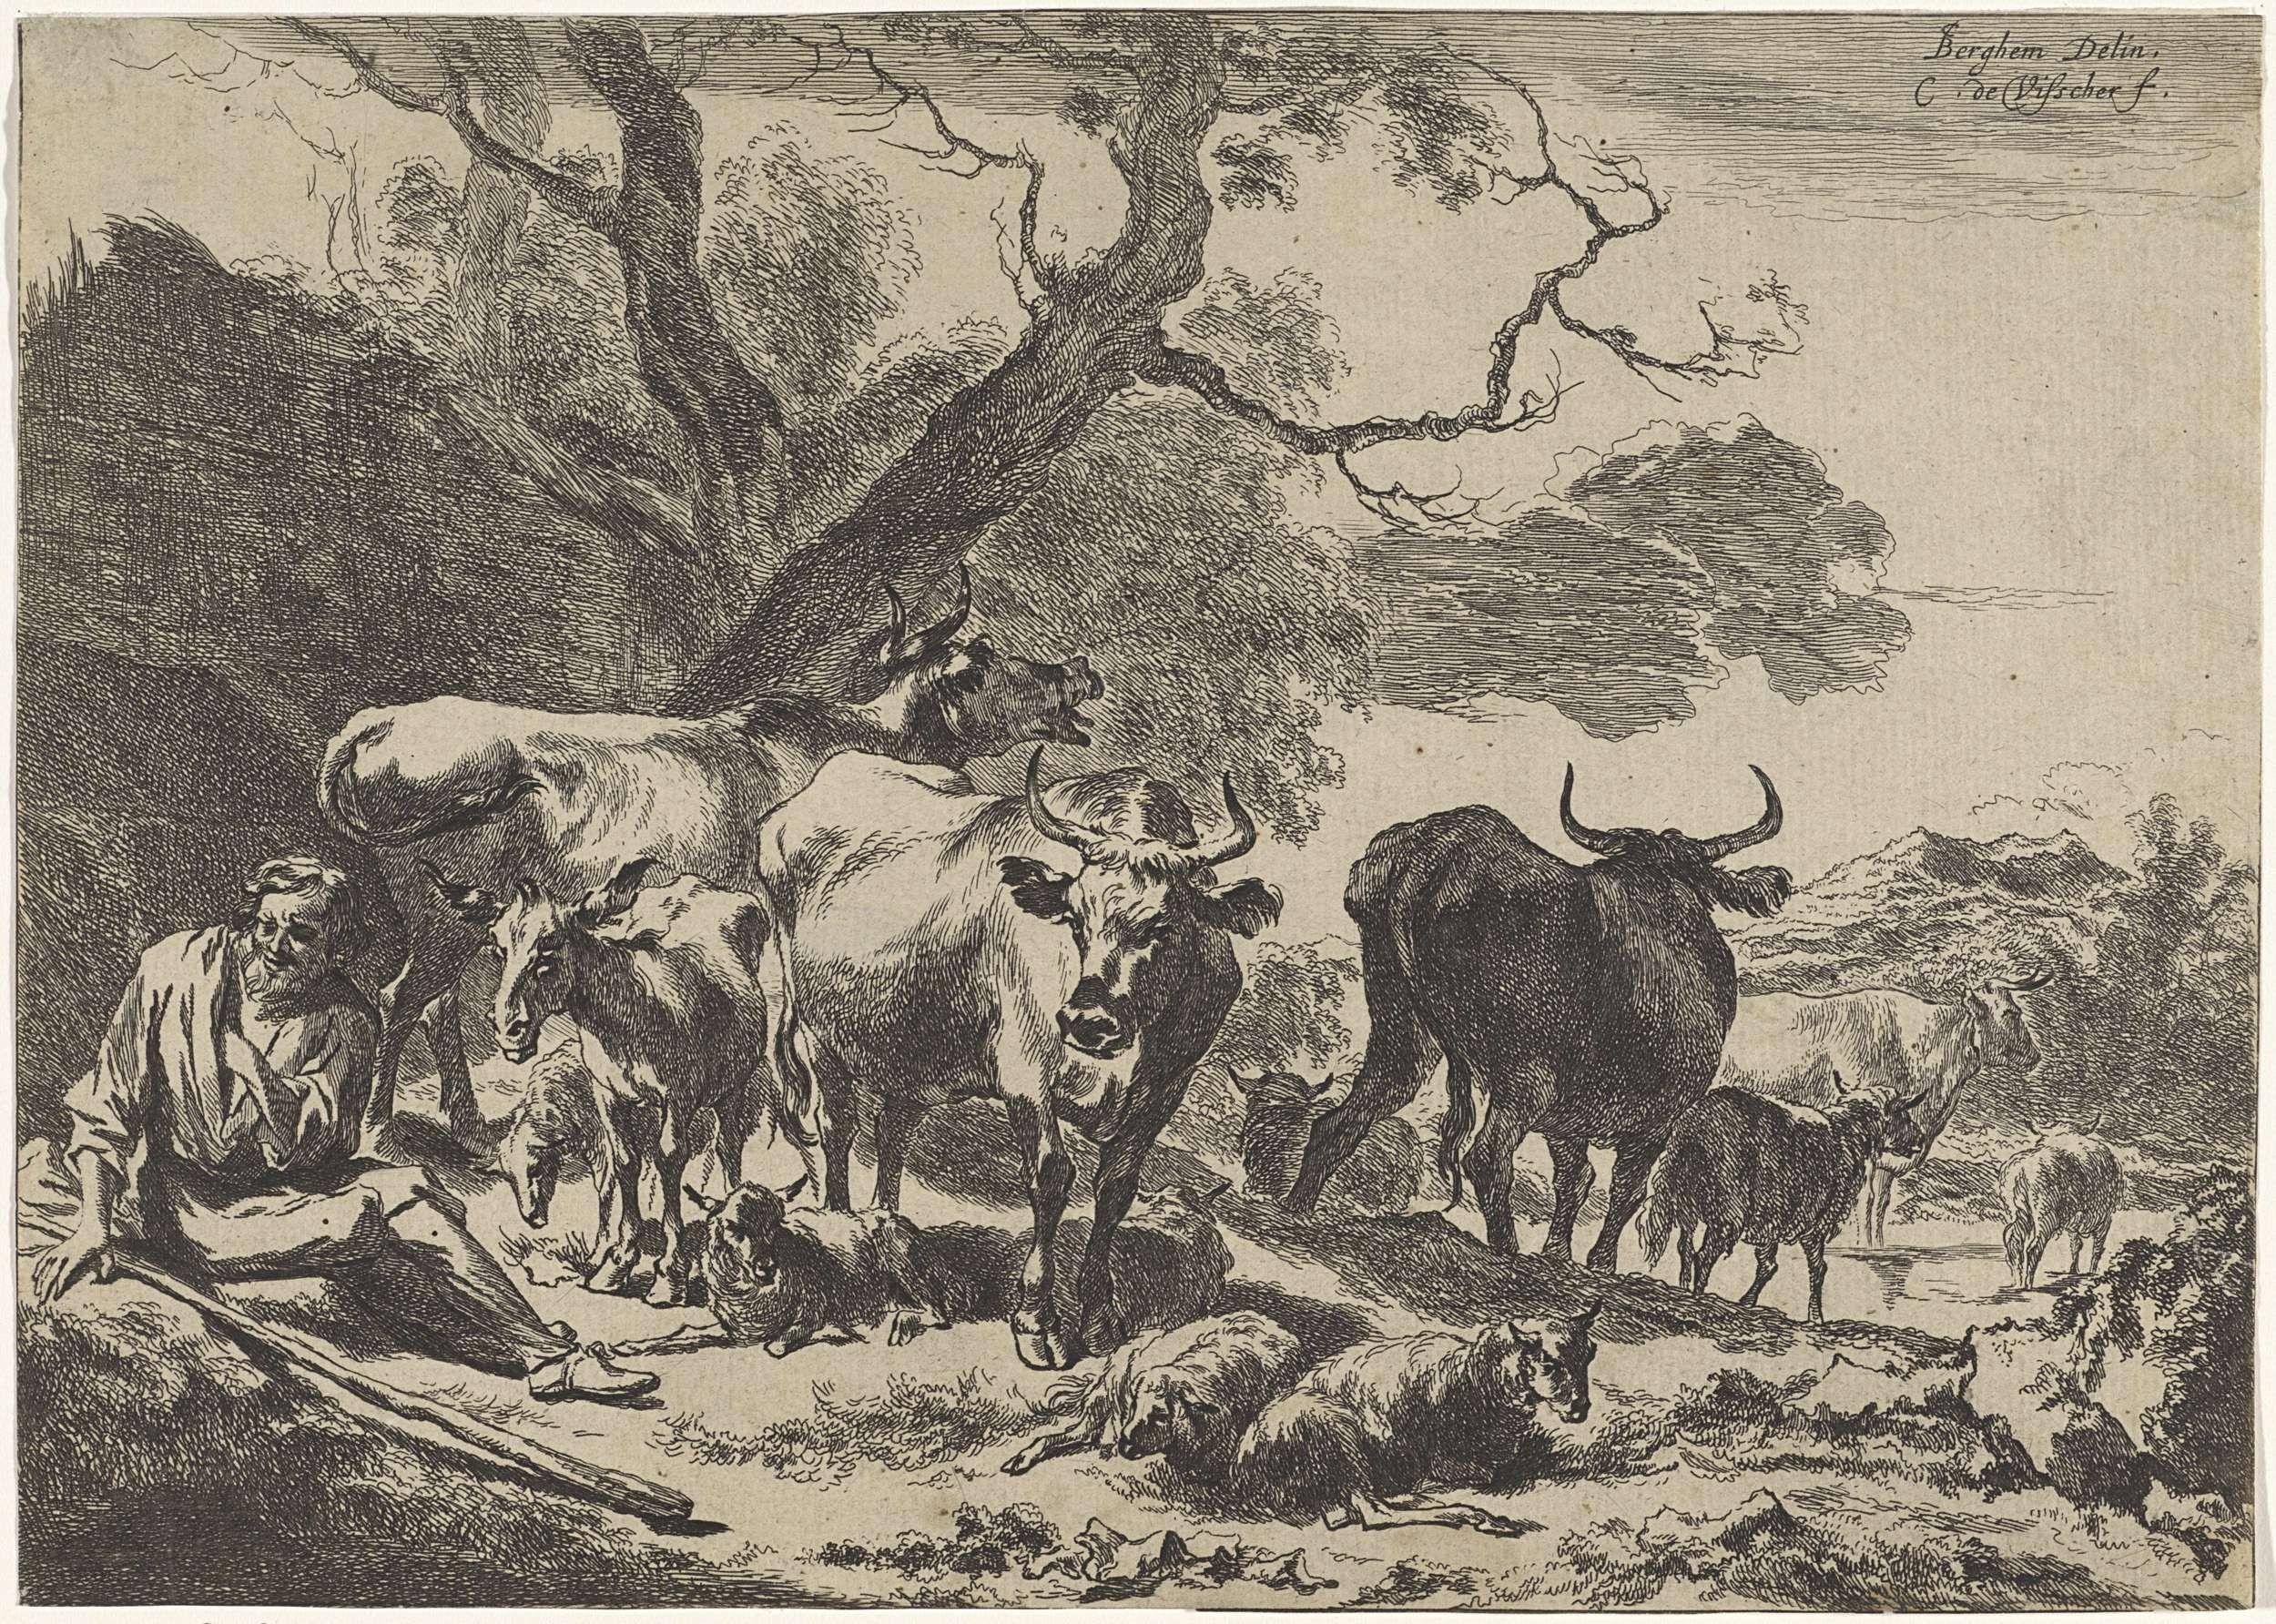 Cornelis Visscher (II) | Rustende oude herder met zijn kudde, Cornelis Visscher (II), 1638 - 1658 | In een landschap zit een oude herder onder een boom. Om hem heen staan en liggen koeien, schapen en een ezel.